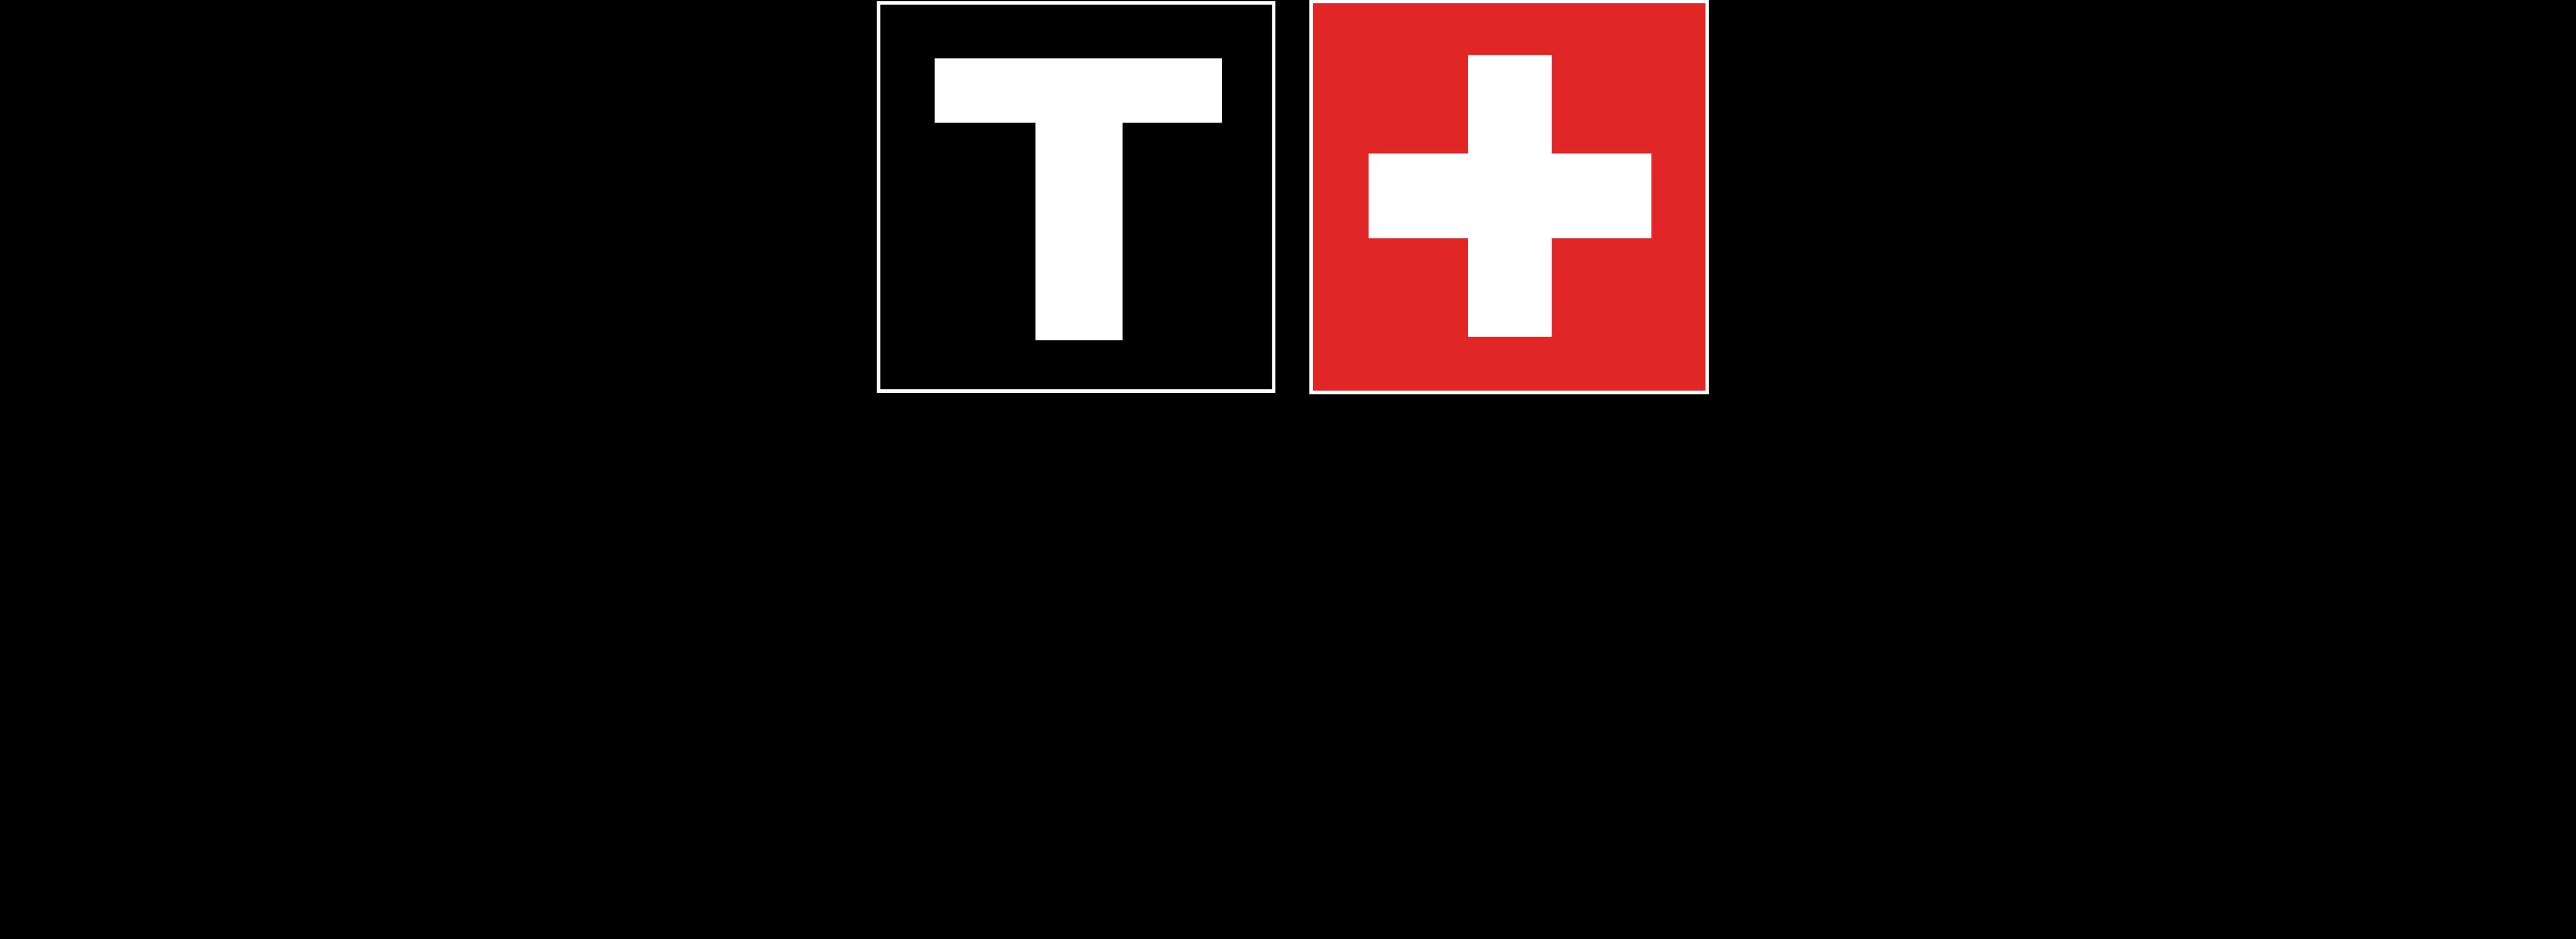 tissot logo 1 - Tissot Logo